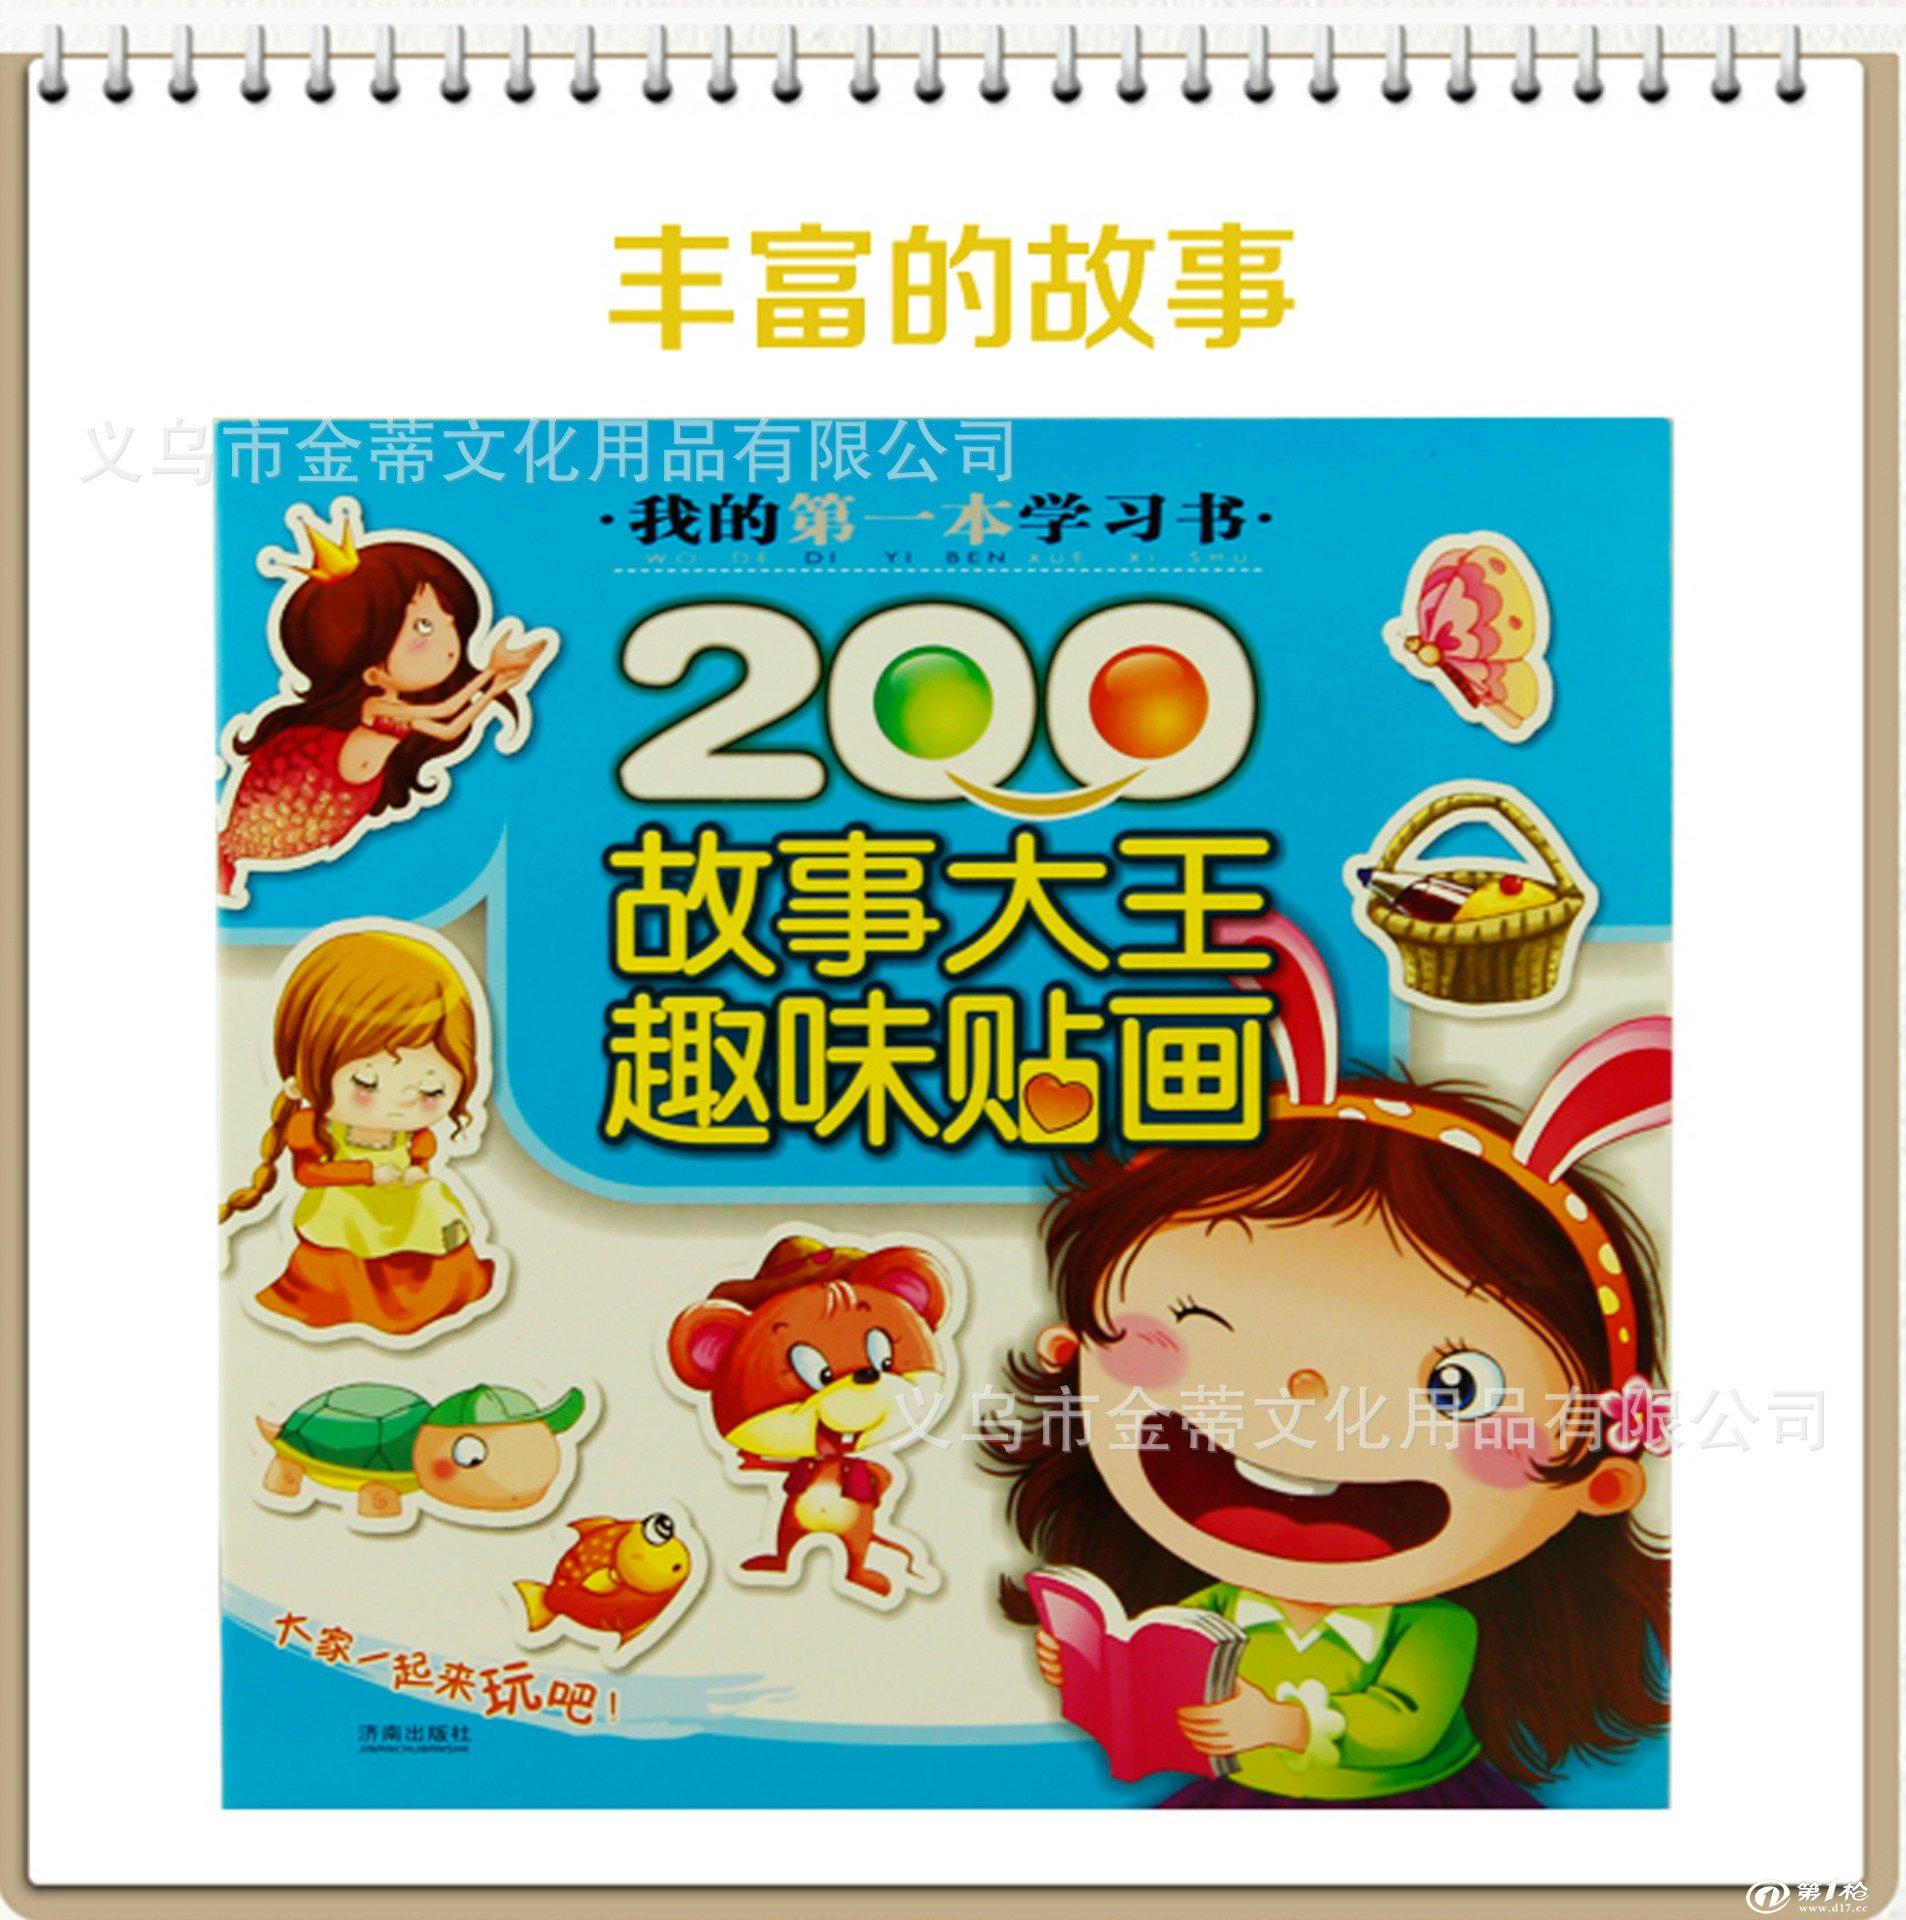 书中可爱的小动物让孩子爱不释手;生活中常见的瓜果